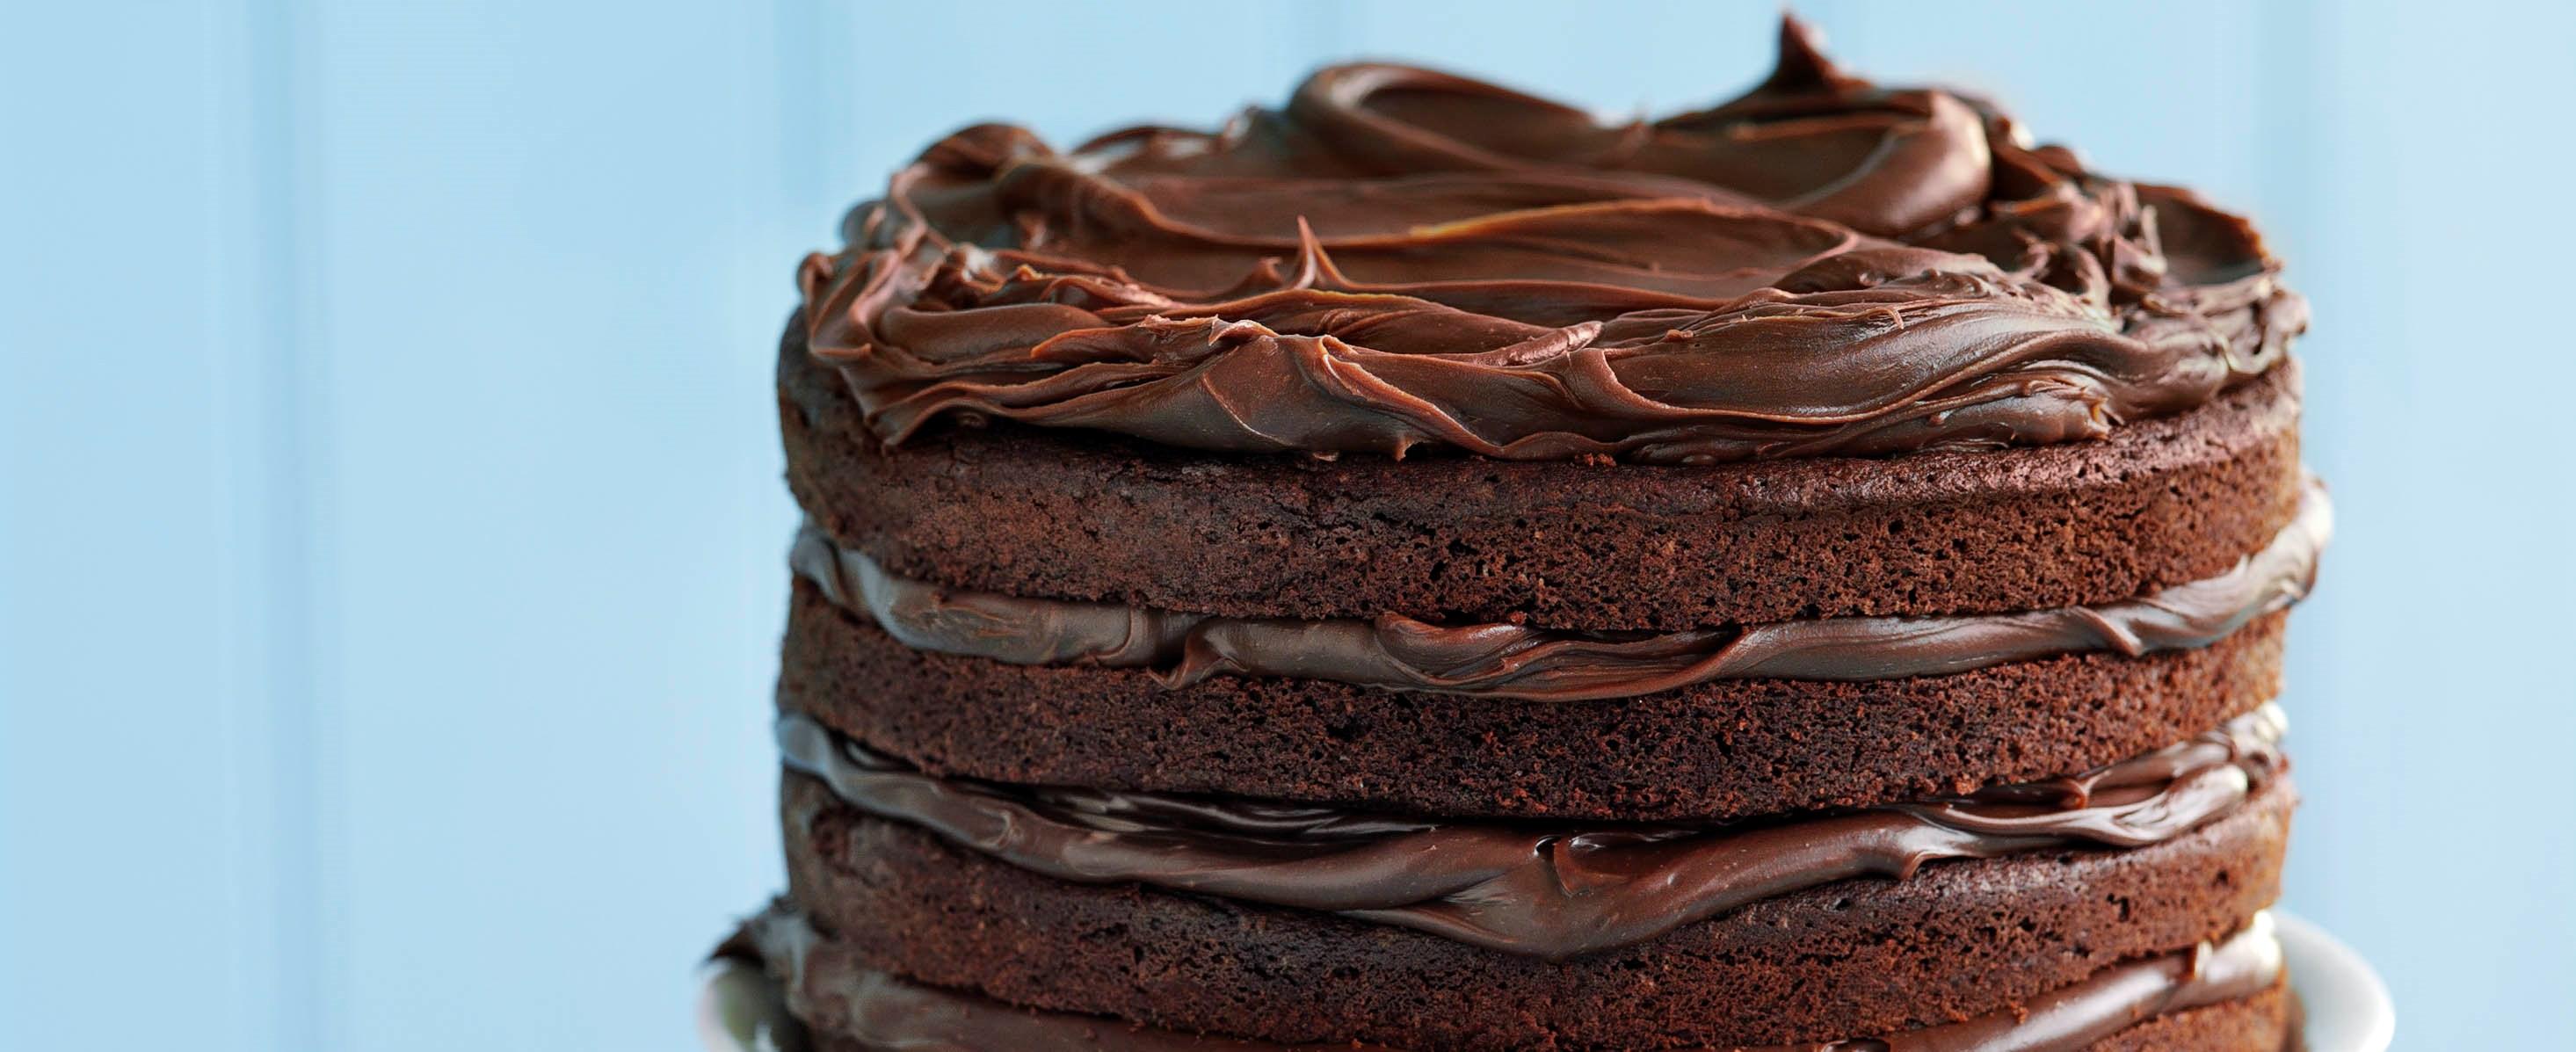 Edd Kimber Chocolate Cake